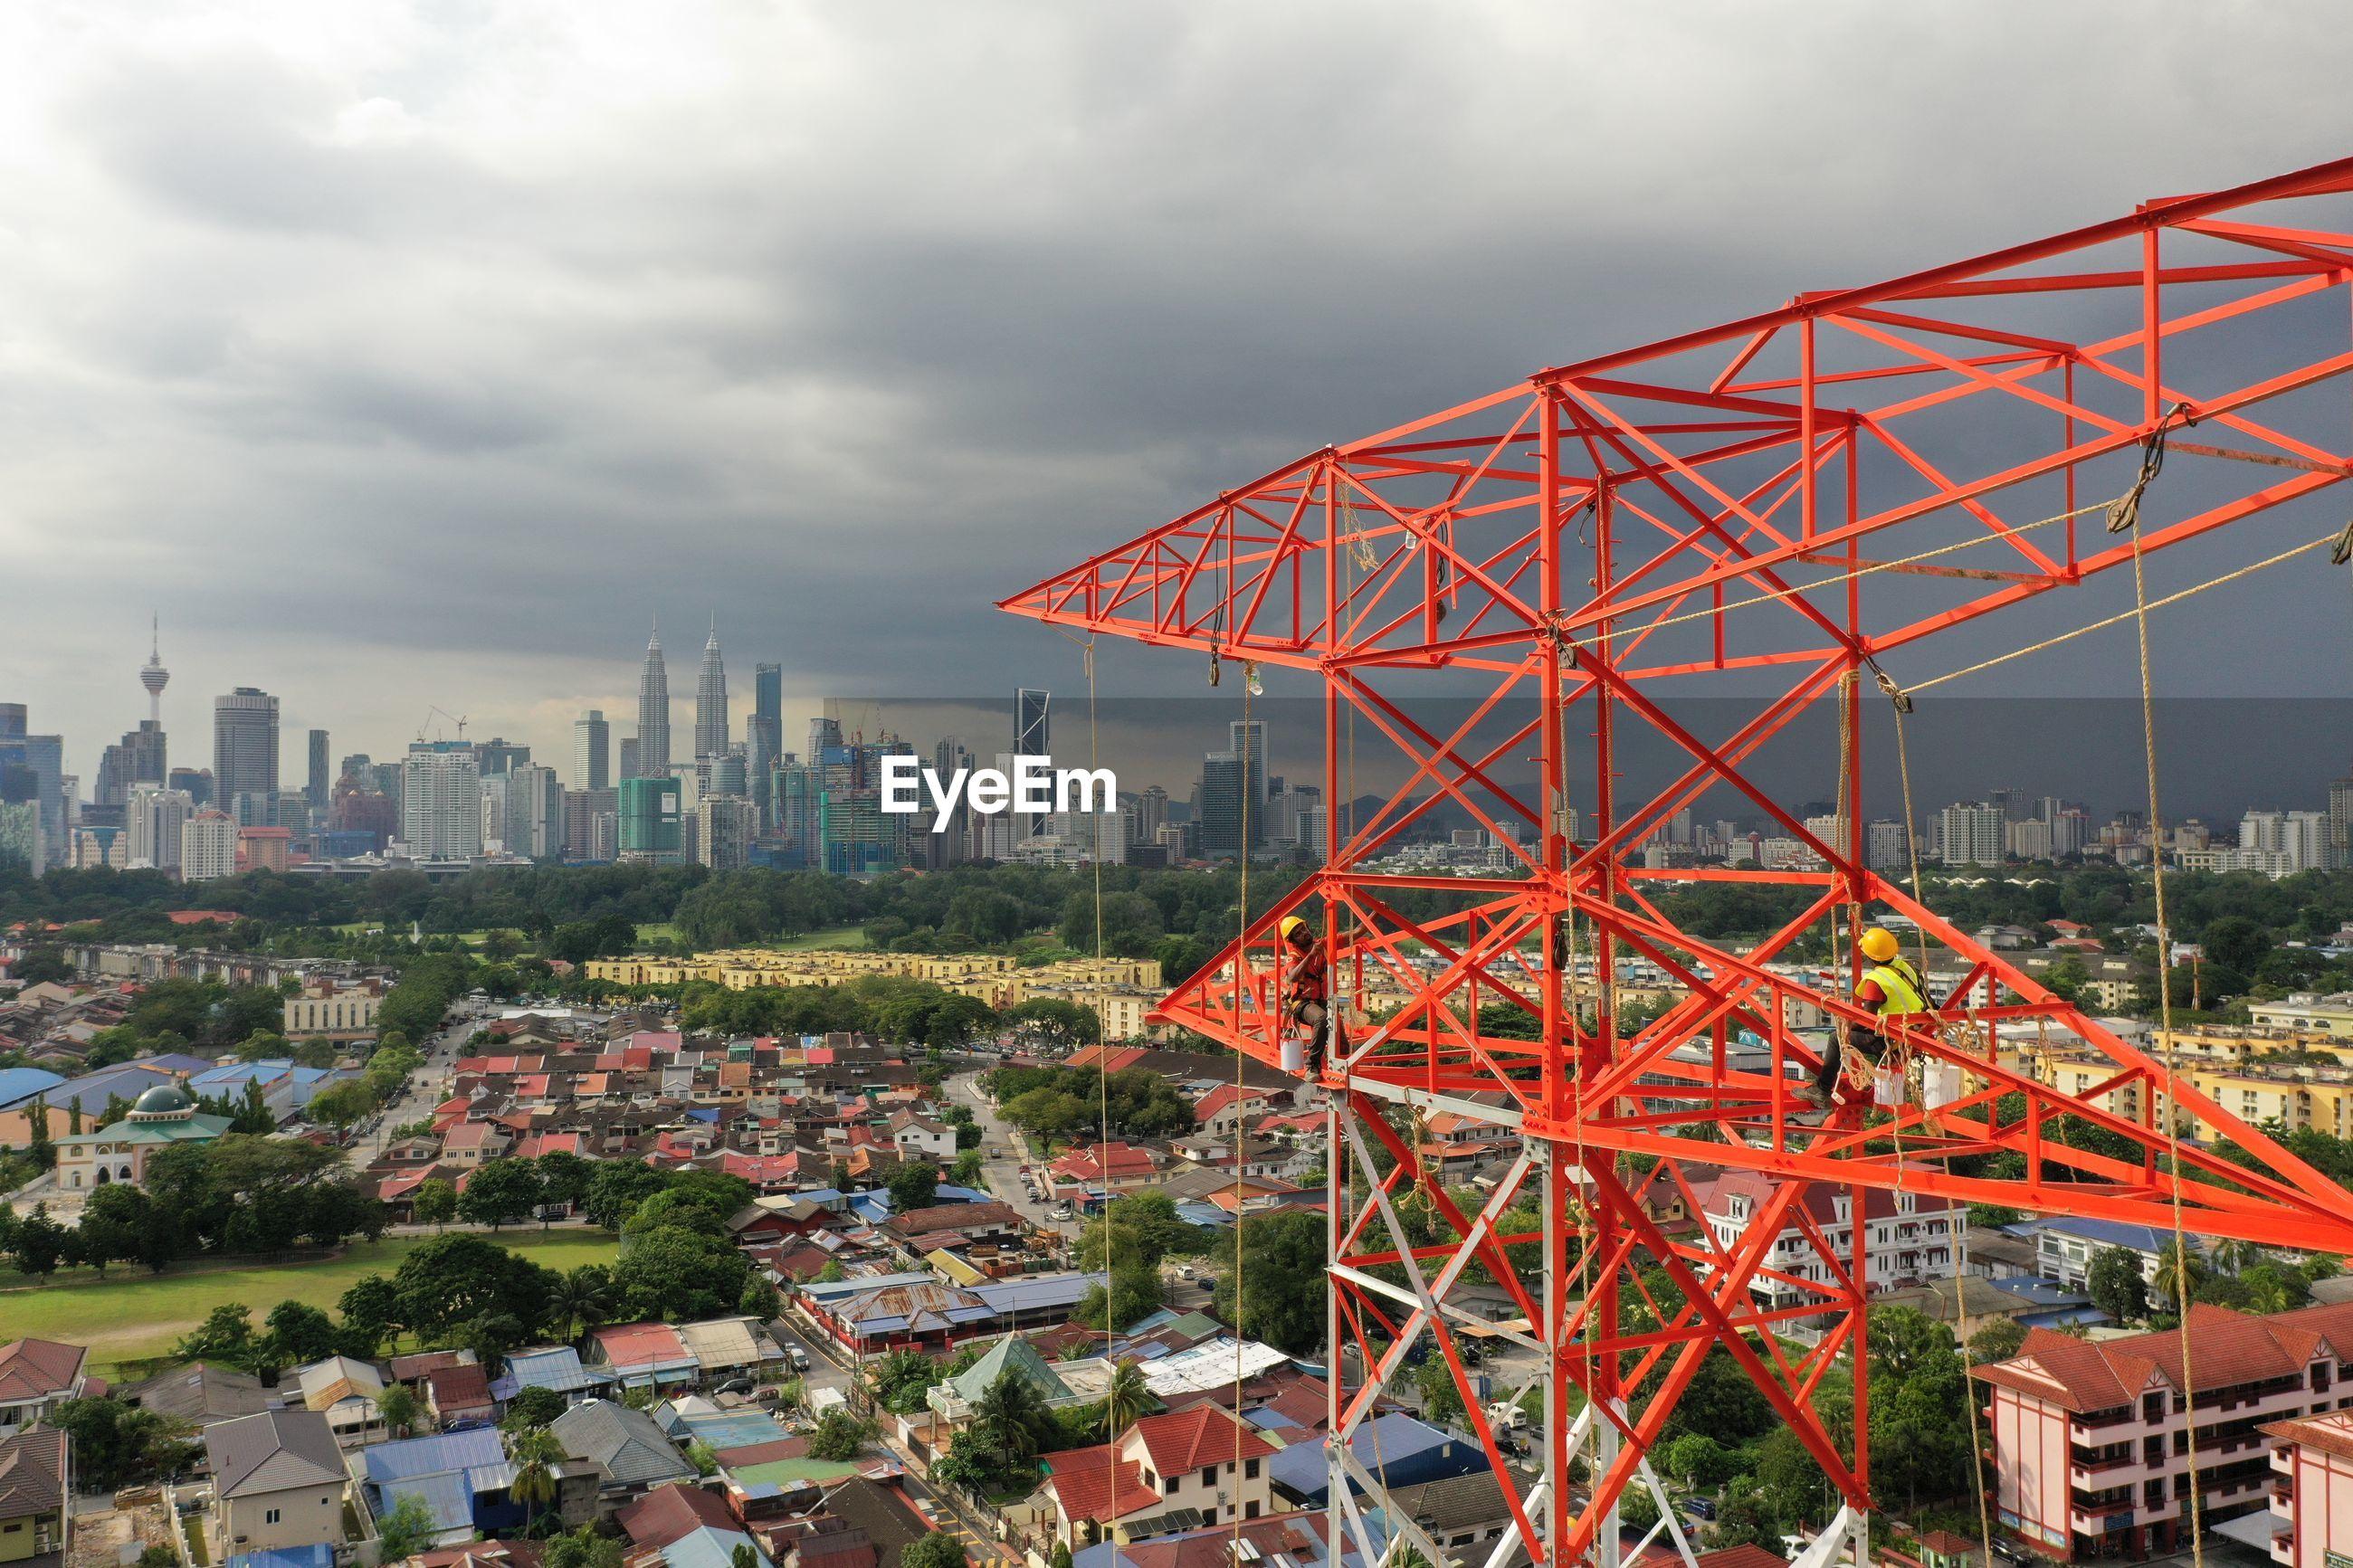 Ferris wheel by buildings against sky in city